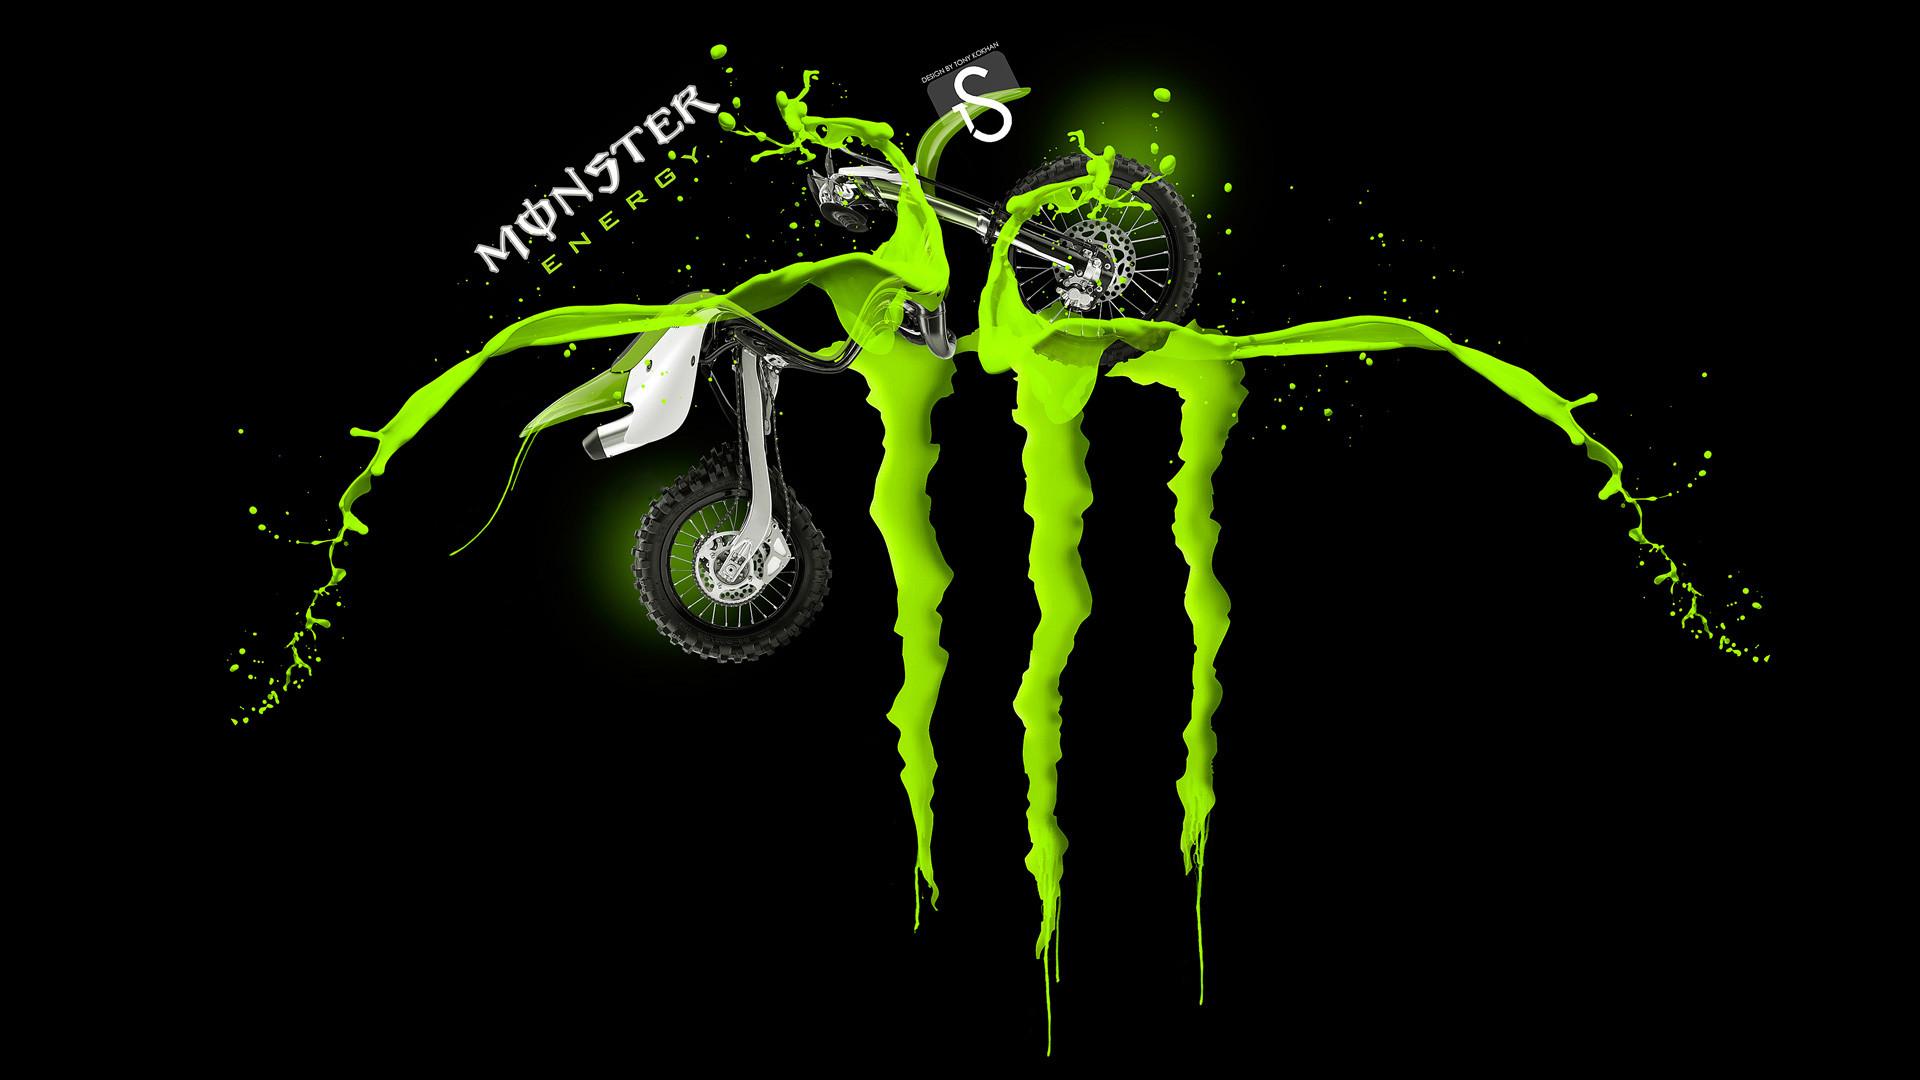 … monster energy wallpaper hd wallpapercraft …